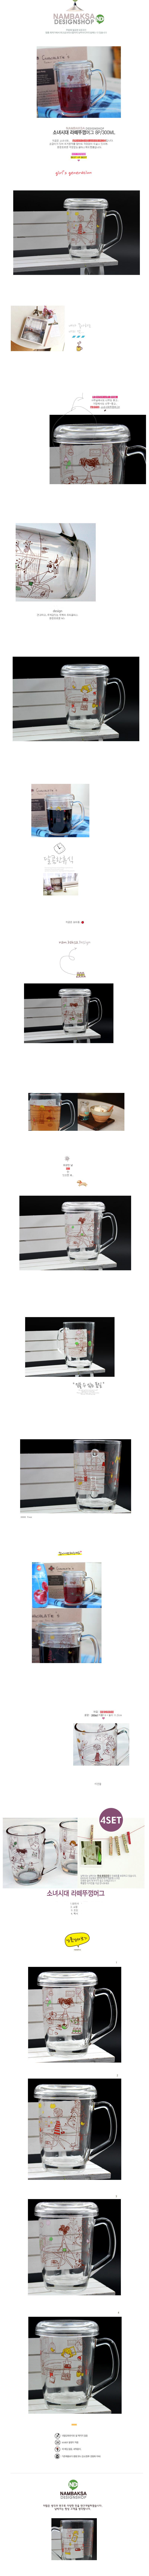 남박사 소녀시대라떼뚜껑머그8p세트 (뚜껑4p+머그4p) - 남박사, 16,900원, 머그컵, 심플머그